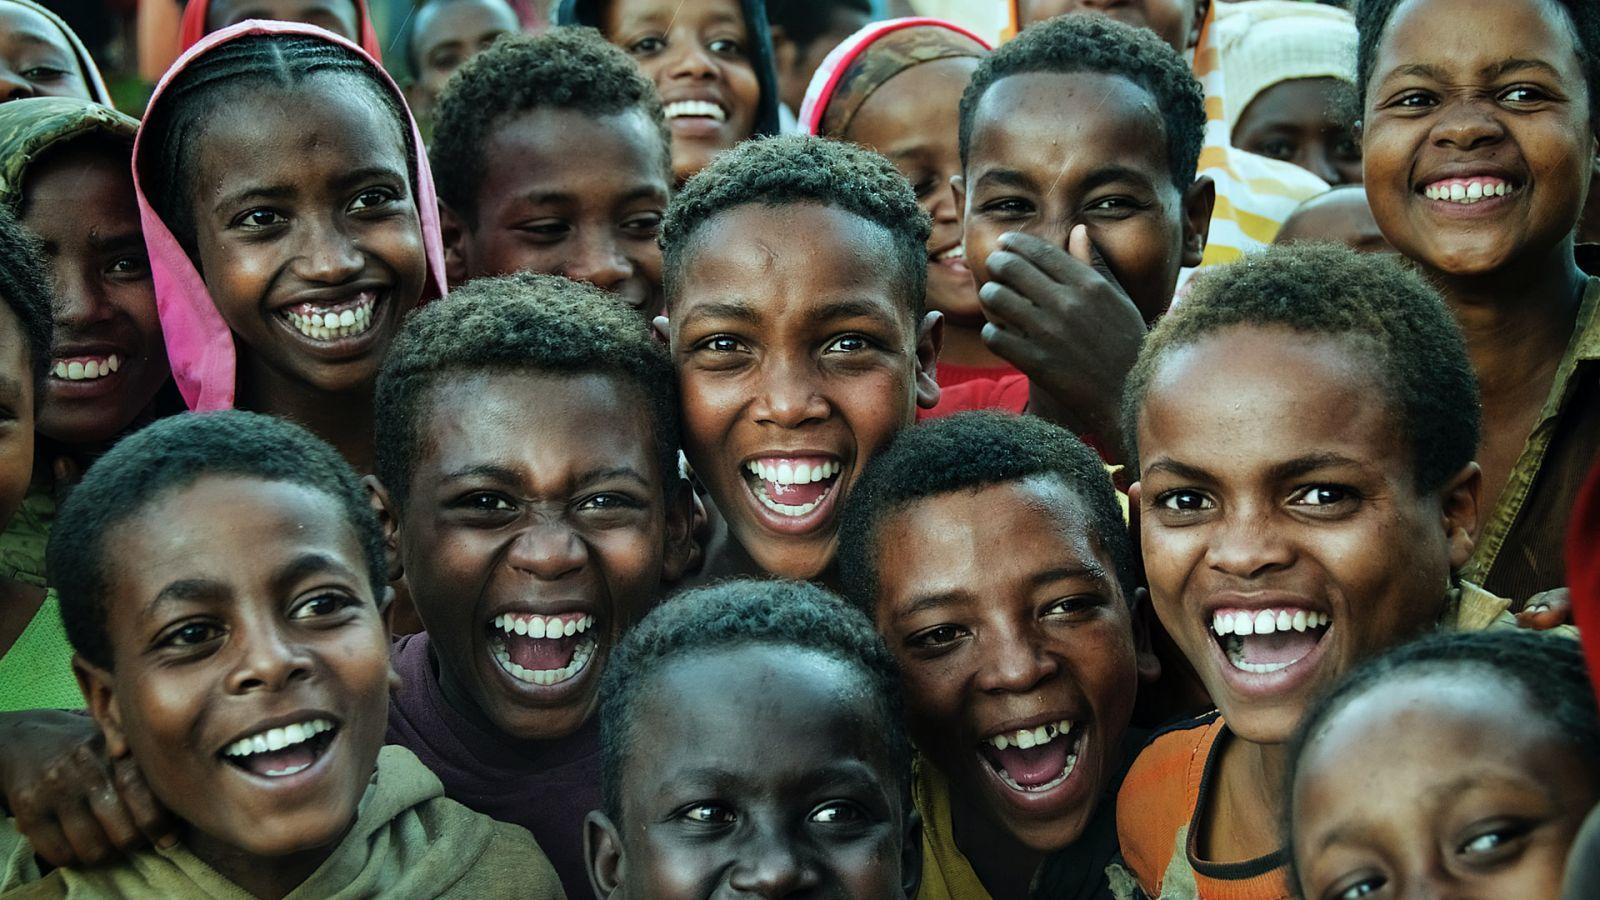 ΠΟΥ: Ανακοίνωσε την εξάλειψη της πολιομυελίτιδας από την Αφρική – «Μια καταπληκτική νίκη»